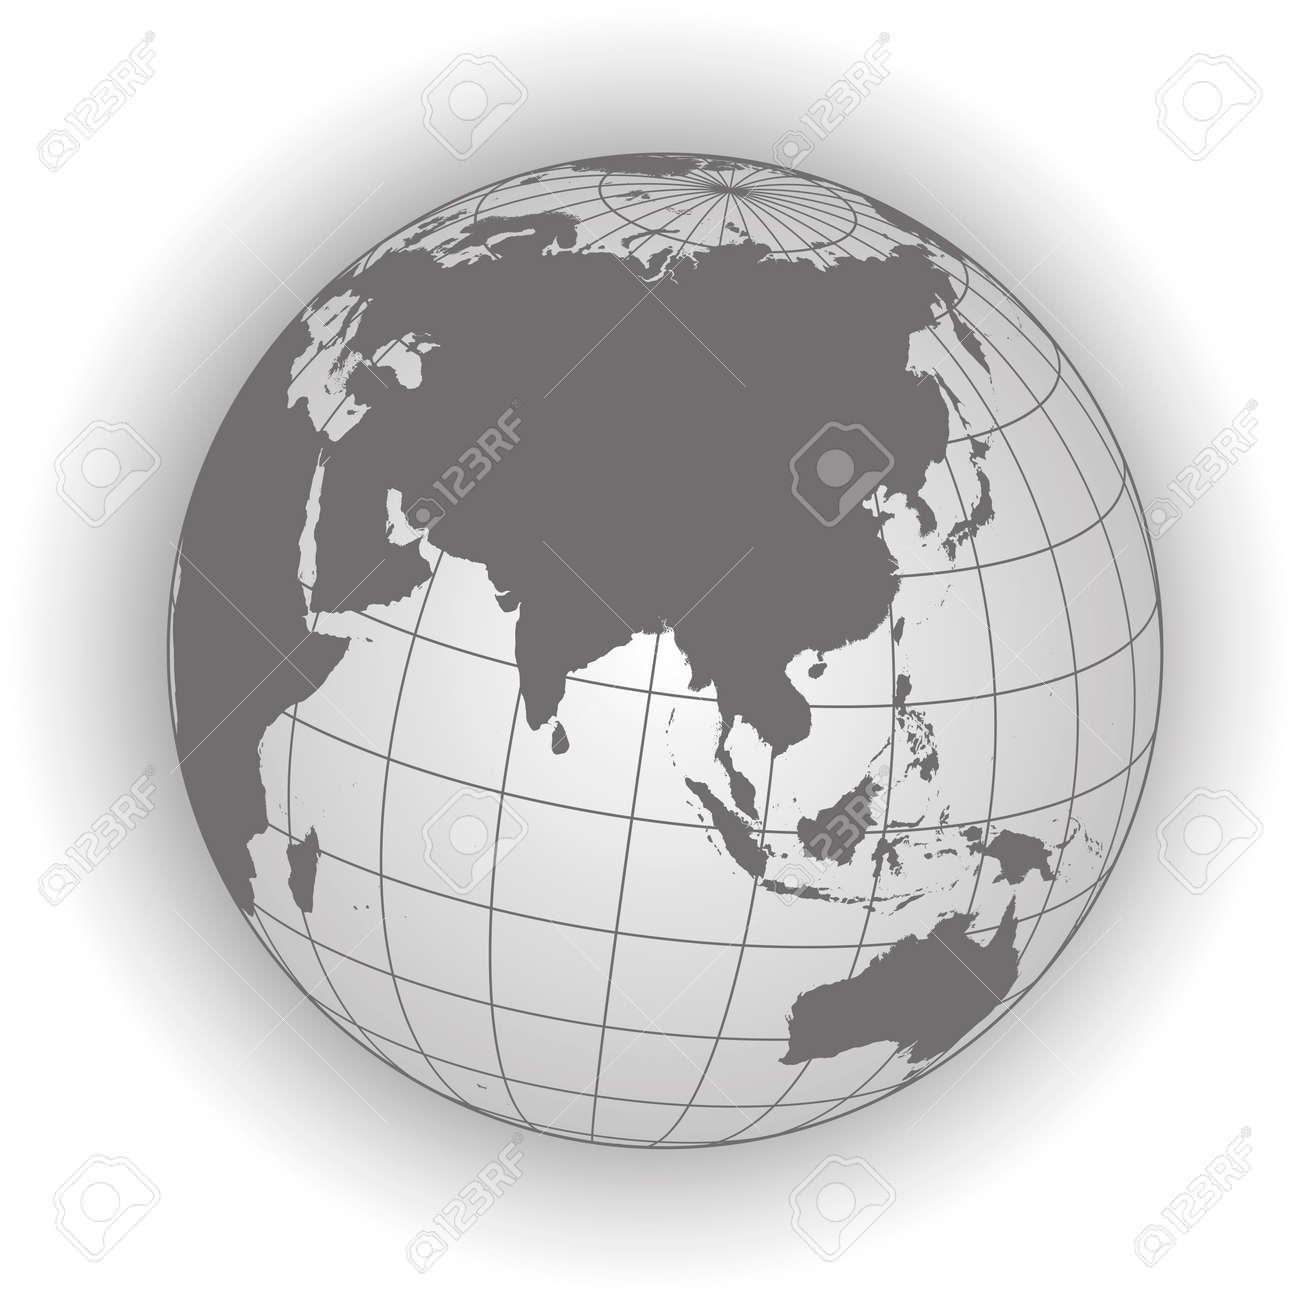 Carte Russie Australie.Carte Asie Australie Russie Afrique North Pole Globe Terrestre Carte Du Monde Les Elements De Cette Image Fournis Par La Nasa